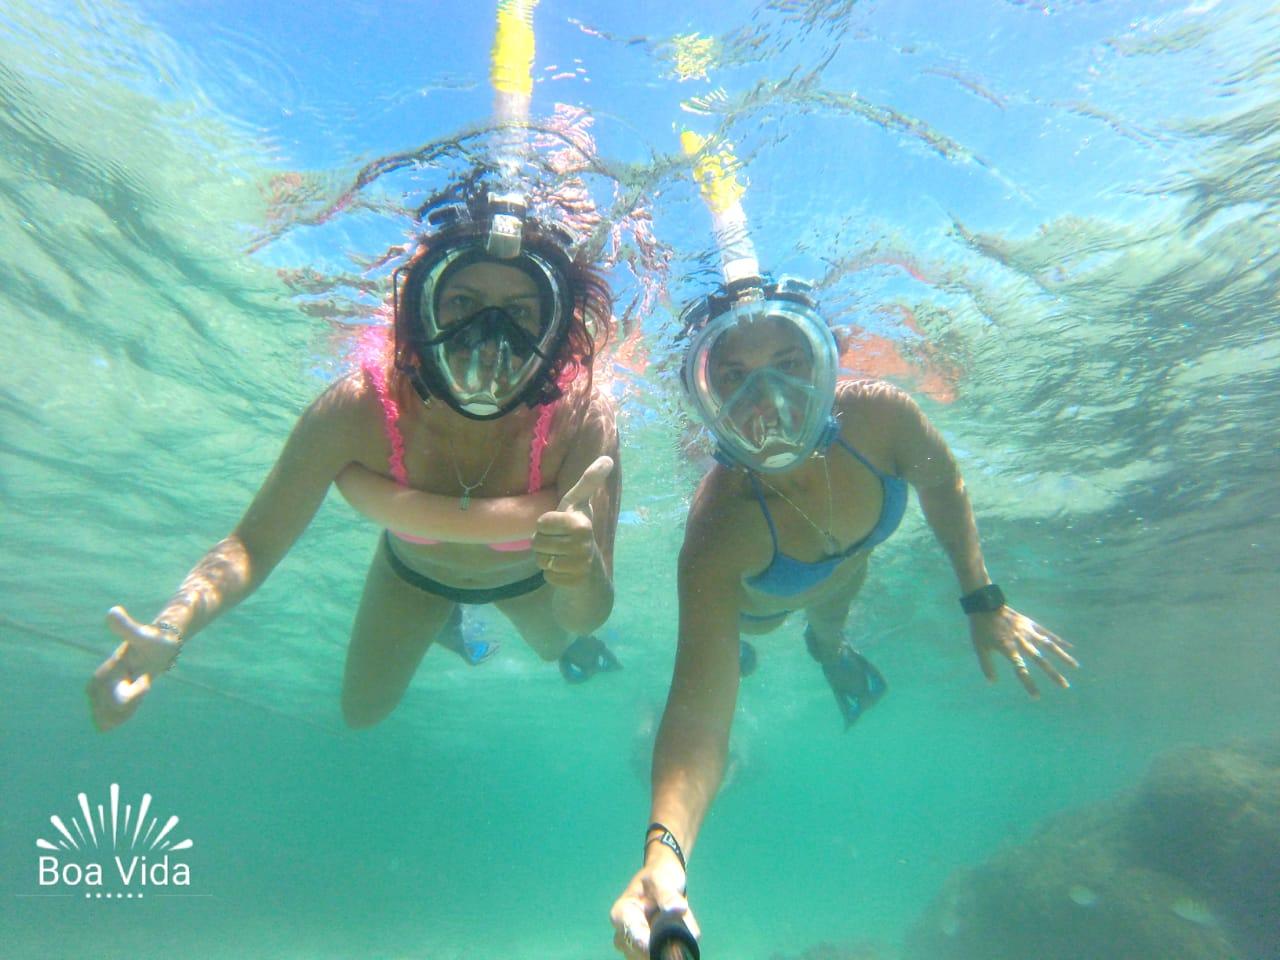 porto de galinhas snorkel